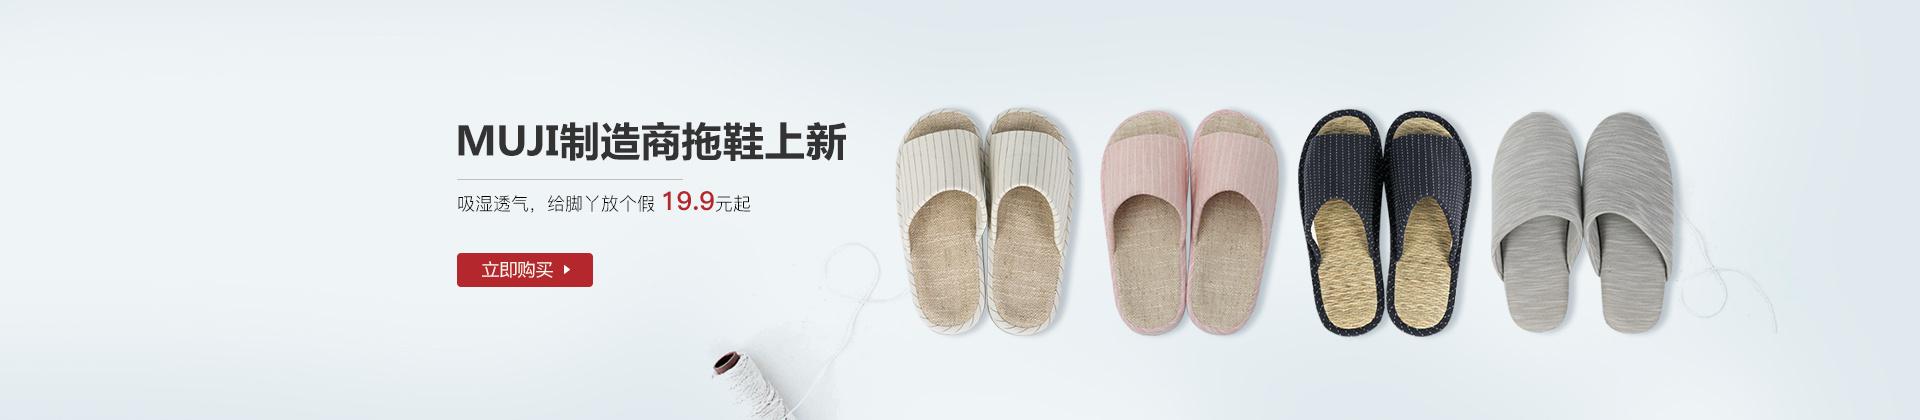 类目 拖鞋7